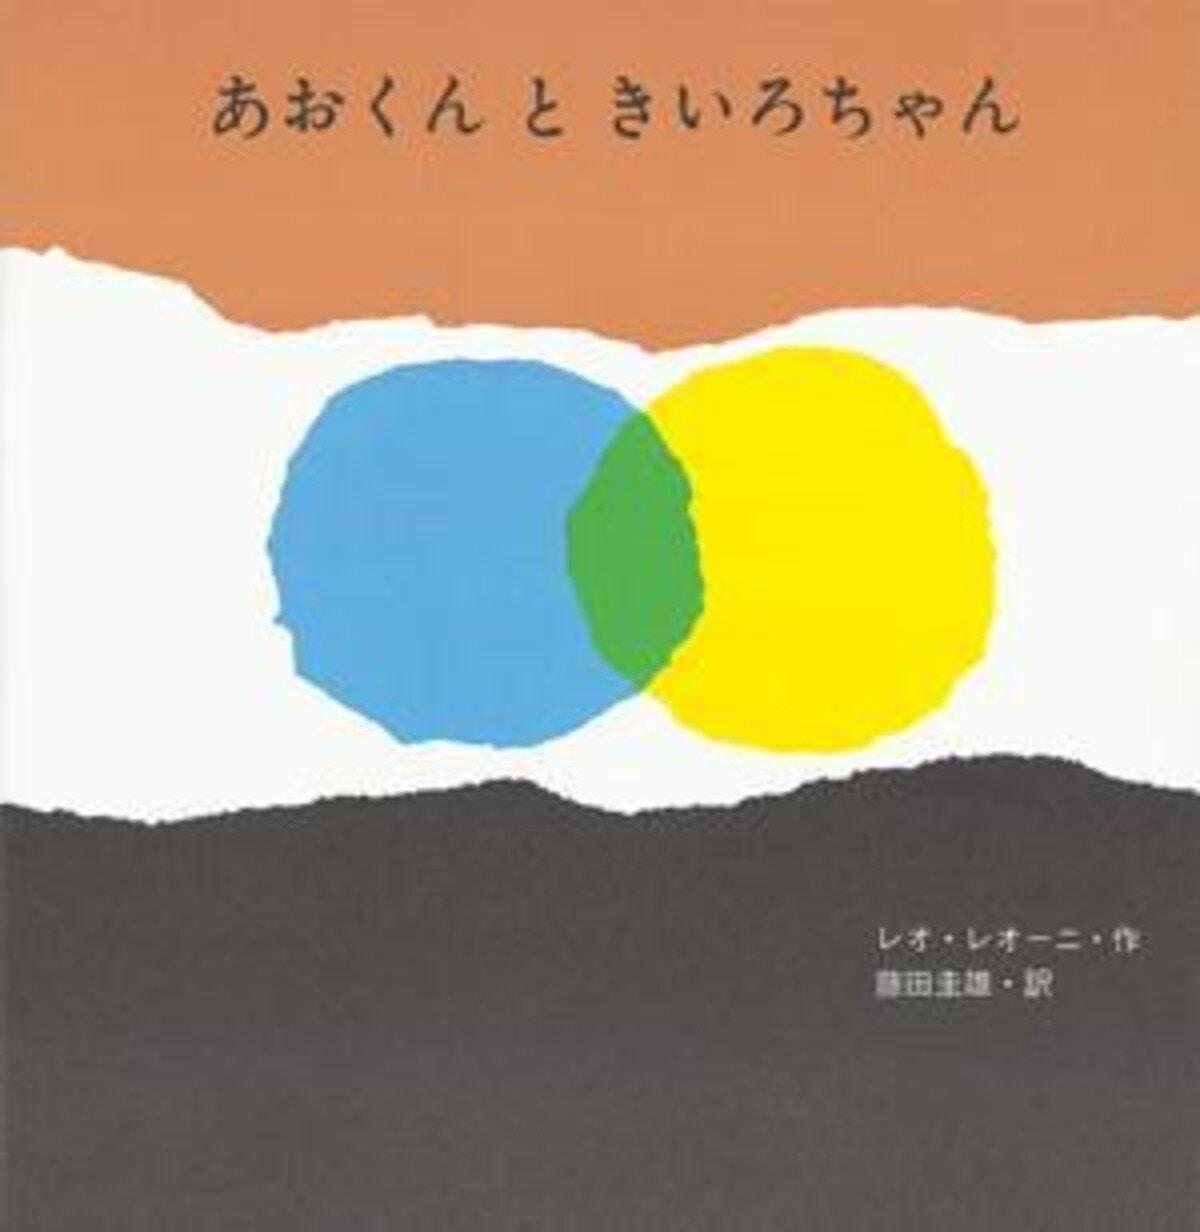 あおくんときいろちゃん (至光社ブッククラブ国際版絵本) [ レオ・レオニ ]